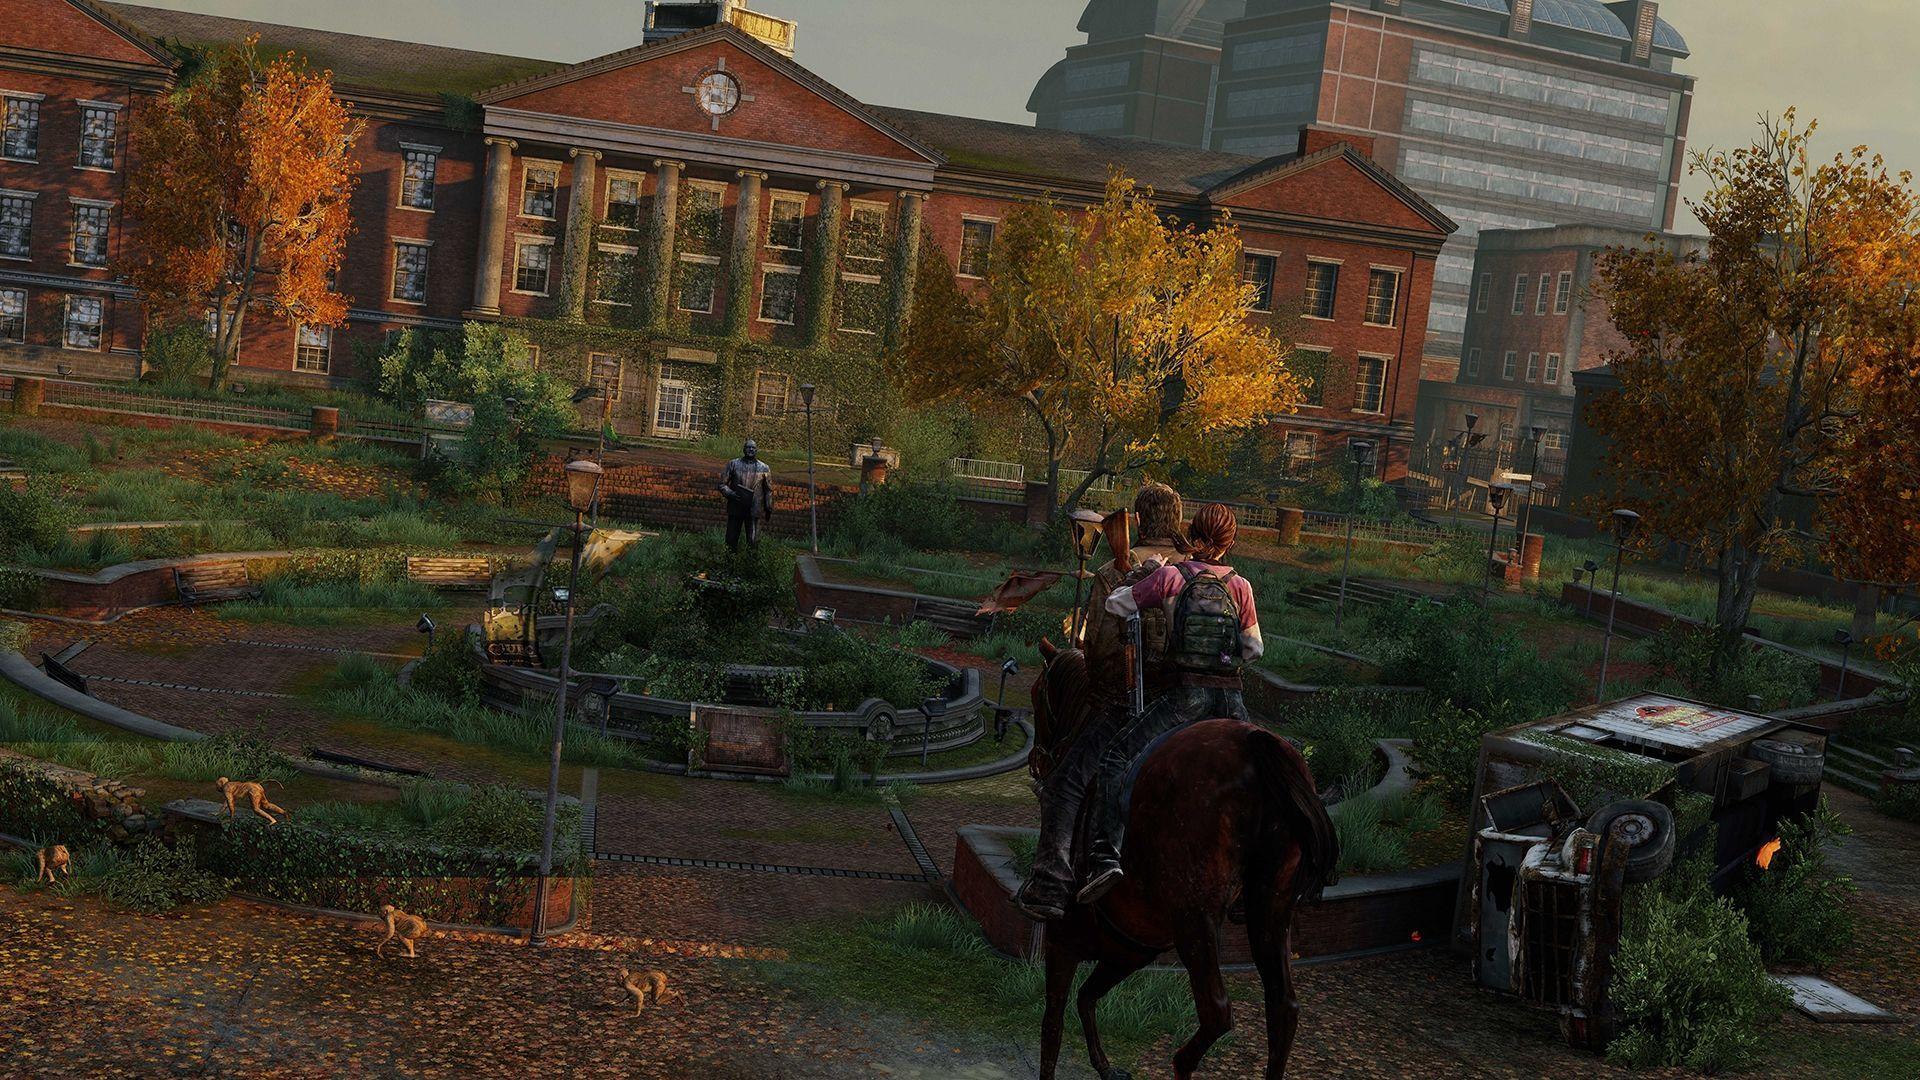 ¿Qué ciudades de Estados Unidos salen en el videojuego?